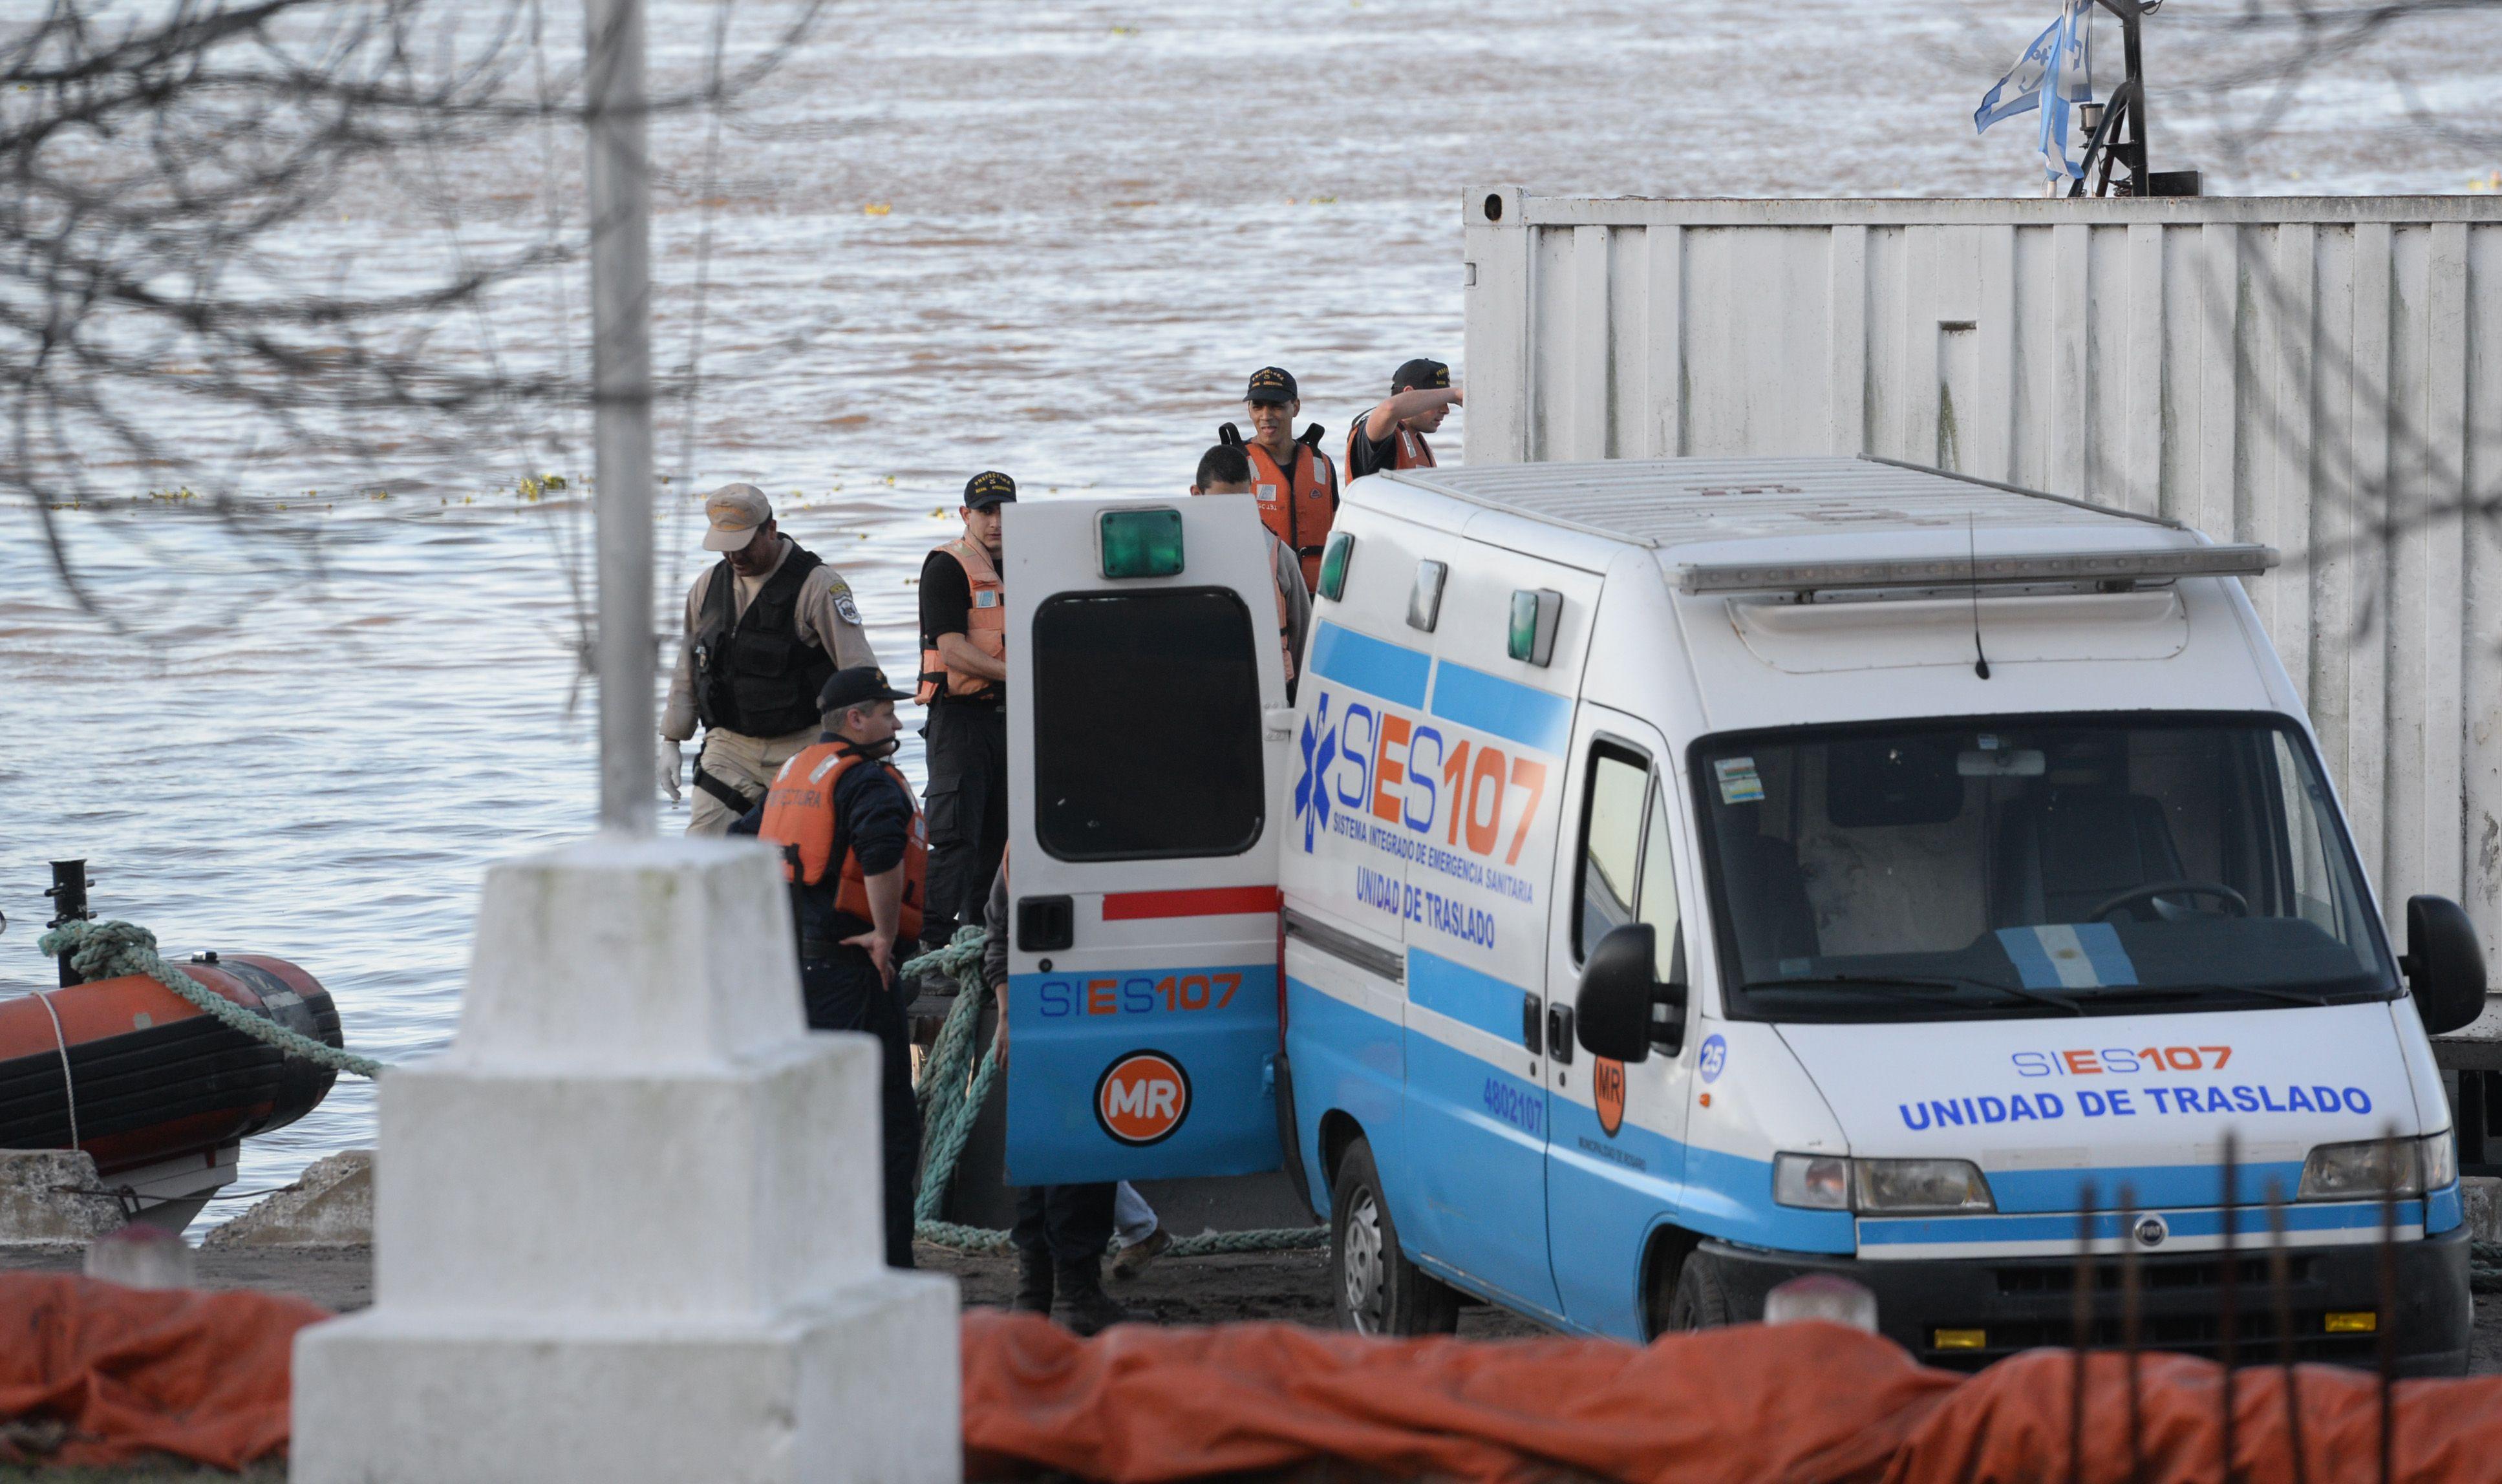 El cuerpo rescatado hoy del río fue identificado como Gerardo Escobar. (Foto: Francisco Guillén)